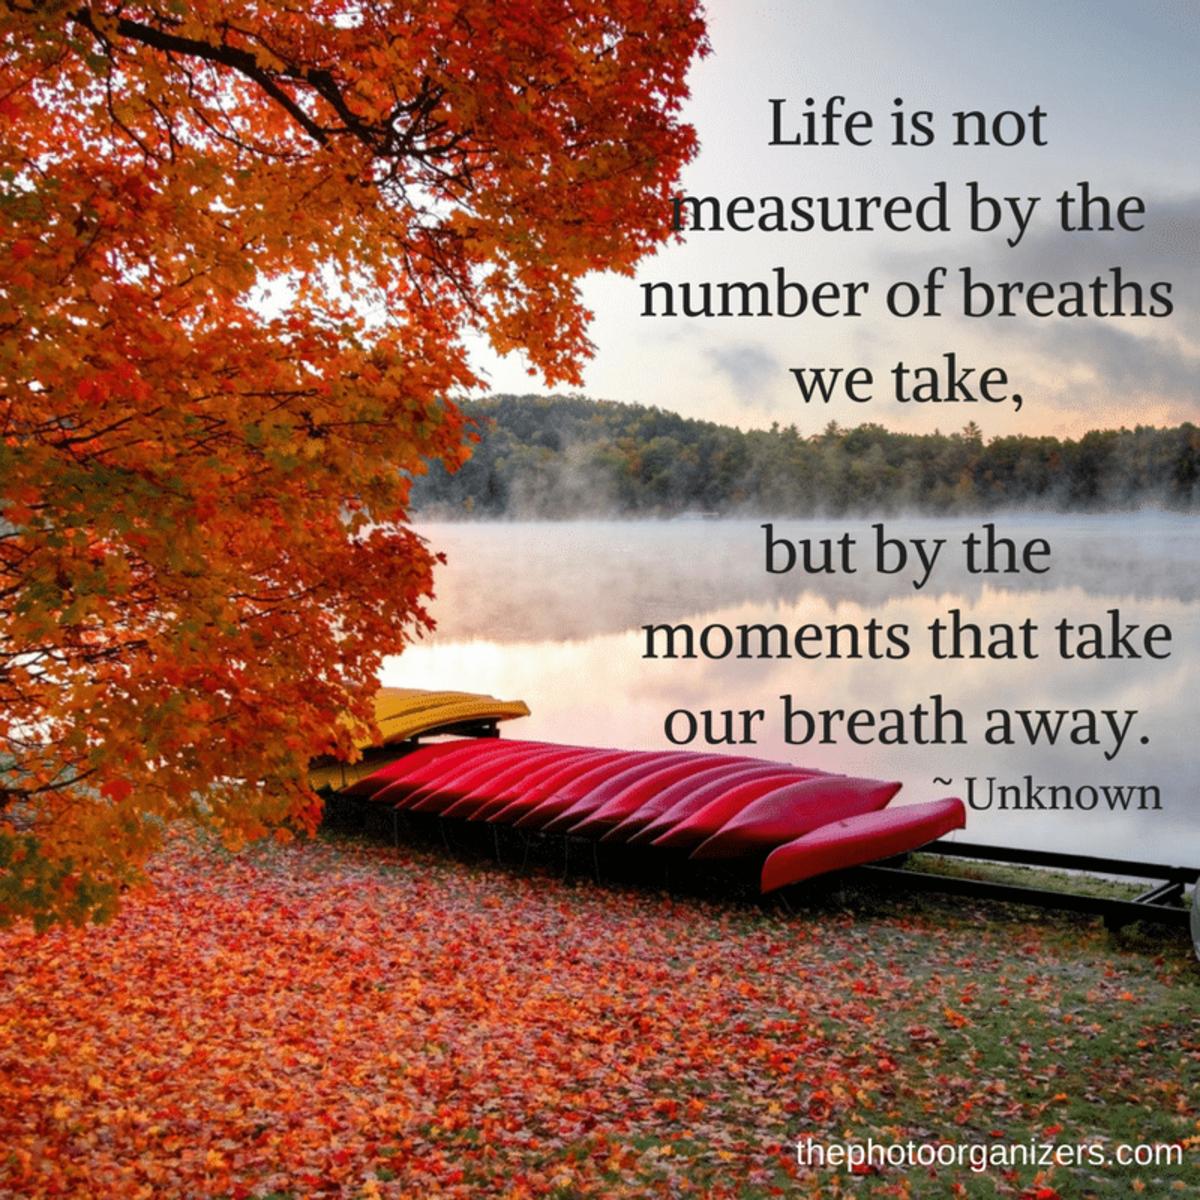 Poem: Buried Treasure / Response to Brenda Arledge's Word Prompt Week 17,